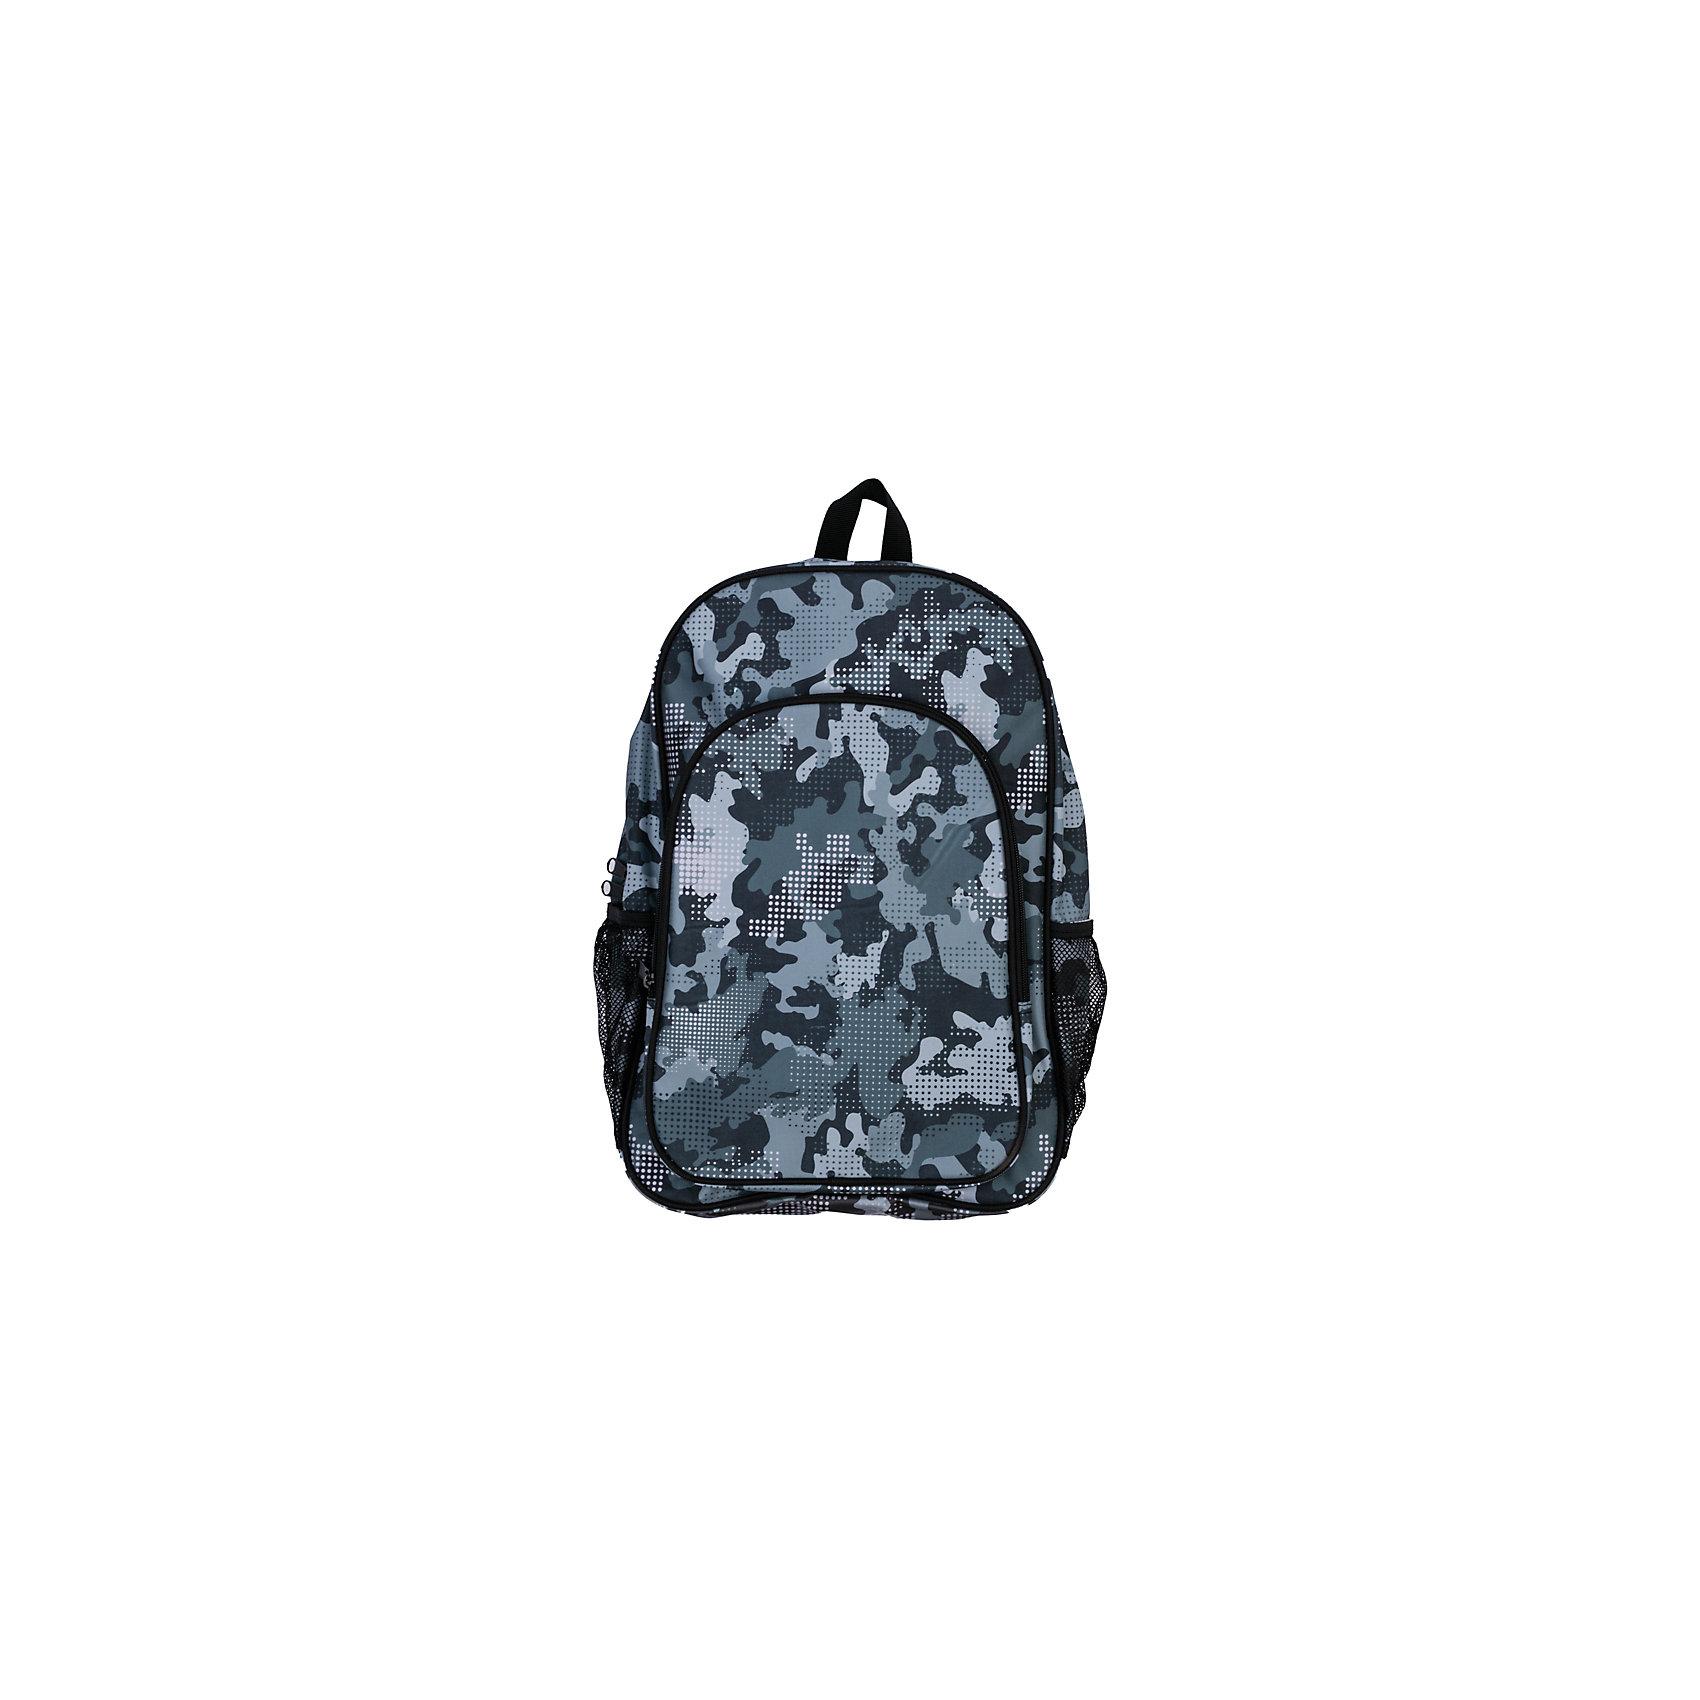 Сумка для мальчика PlayTodayСумка для мальчика от известного бренда PlayToday.<br>Удобный городской рюкзак в стиле милитари. Объемные карманы, мягкие широкие лямки.<br>Состав:<br>Верх: 100% полиэстер, подкладка: 100% полиэстер<br><br>Ширина мм: 227<br>Глубина мм: 11<br>Высота мм: 226<br>Вес г: 350<br>Цвет: разноцветный<br>Возраст от месяцев: 36<br>Возраст до месяцев: 144<br>Пол: Мужской<br>Возраст: Детский<br>Размер: one size<br>SKU: 4896922